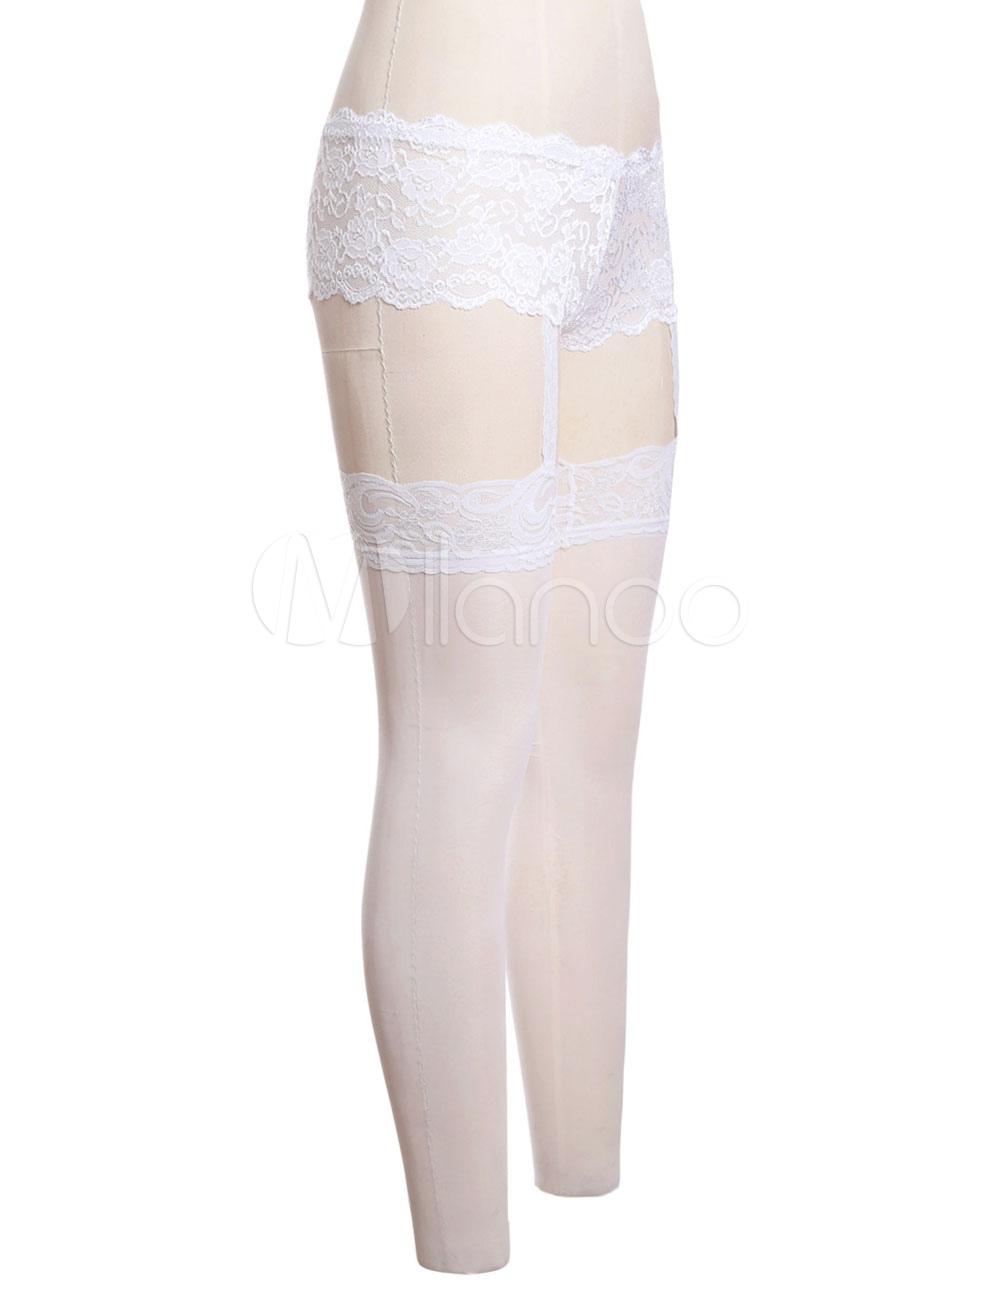 White sheer pantyhose